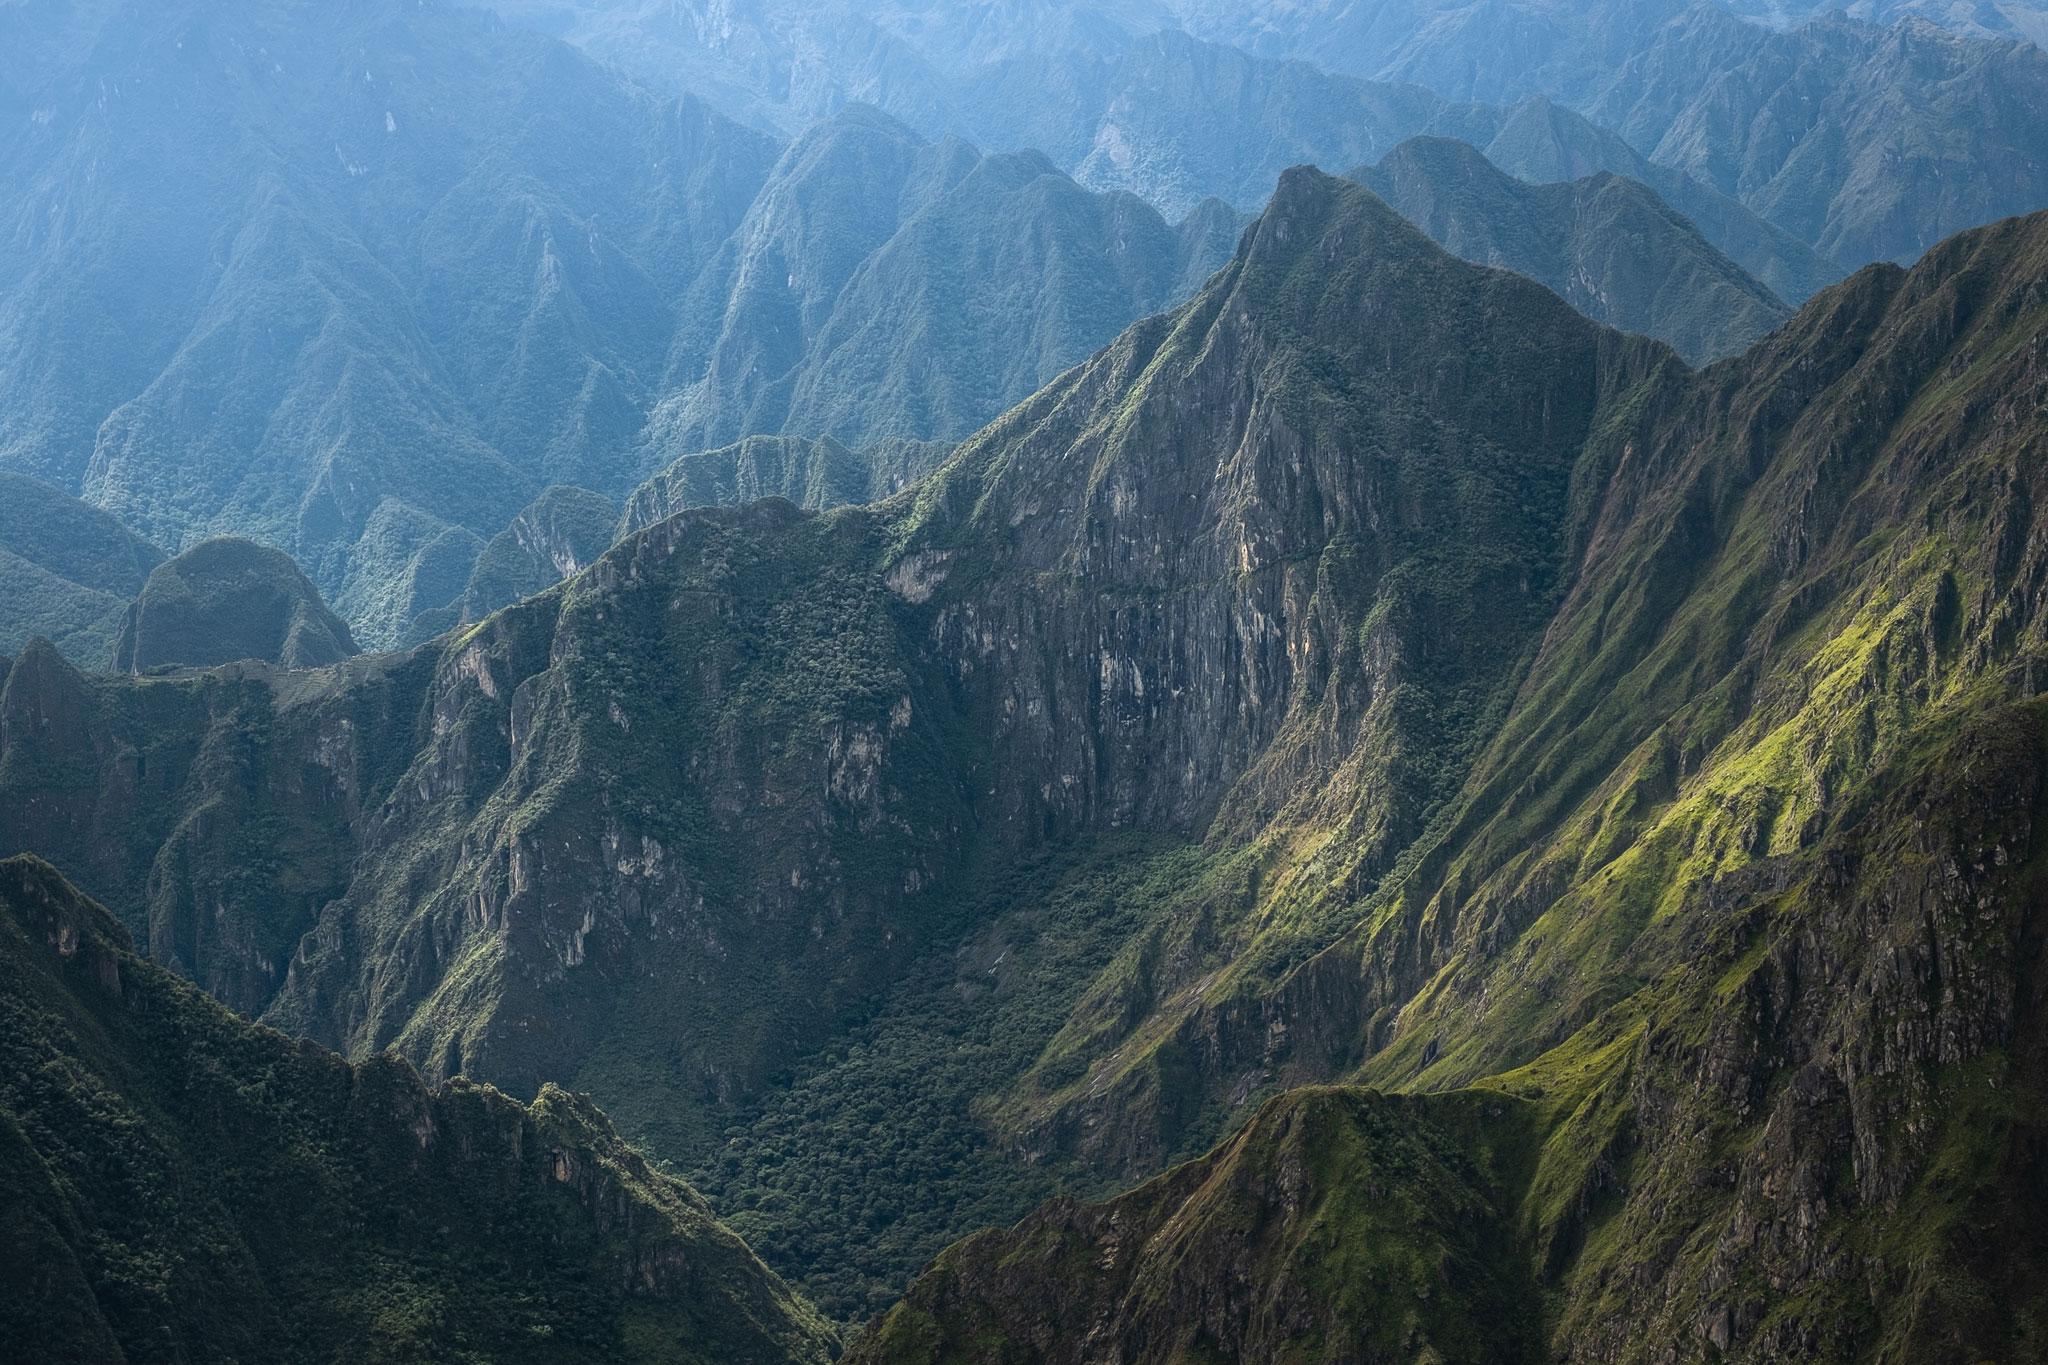 landscape-machu-picchu-mountain-llaqtapata